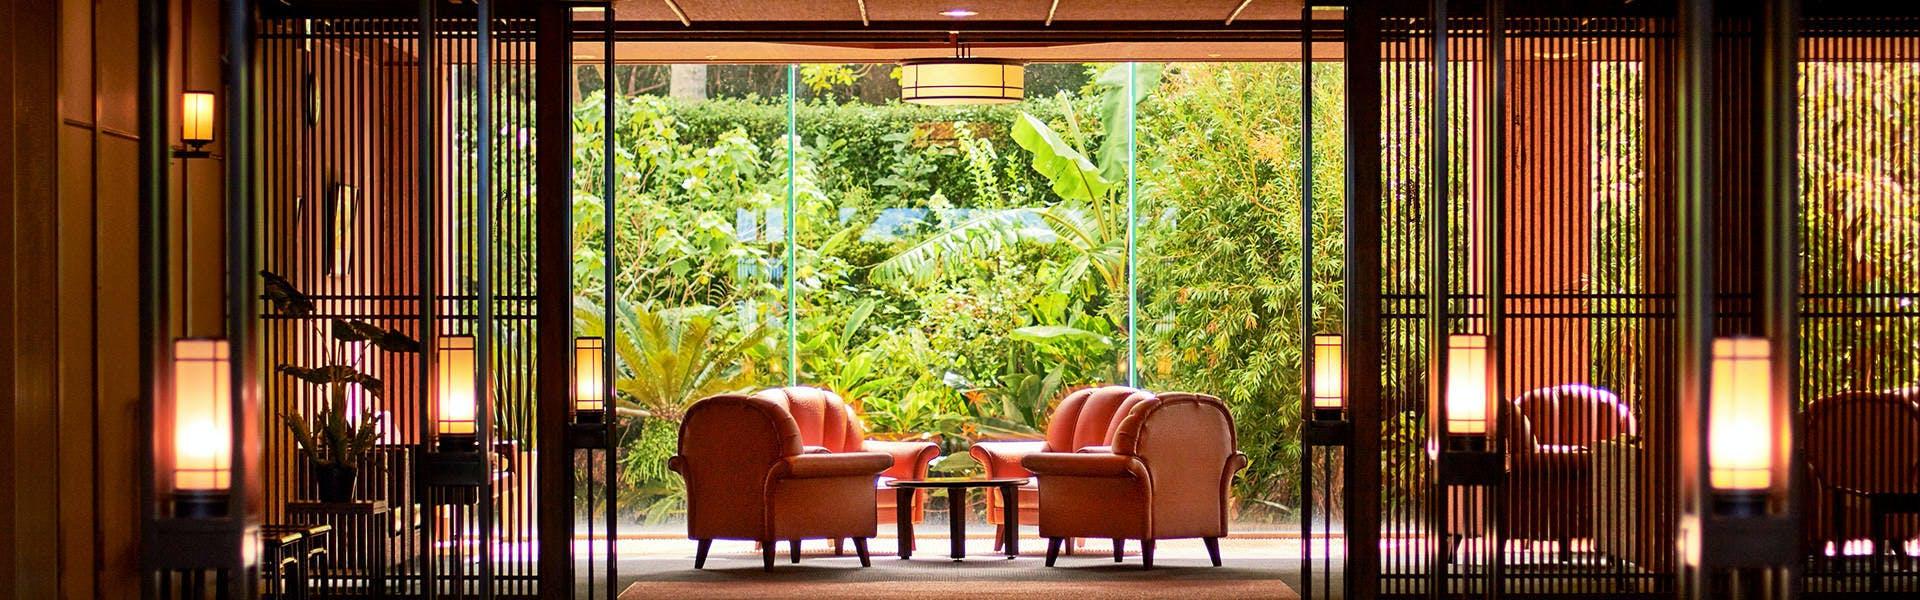 記念日におすすめのホテル・【指宿温泉こらんの湯錦江楼】 の空室状況を確認するの写真1